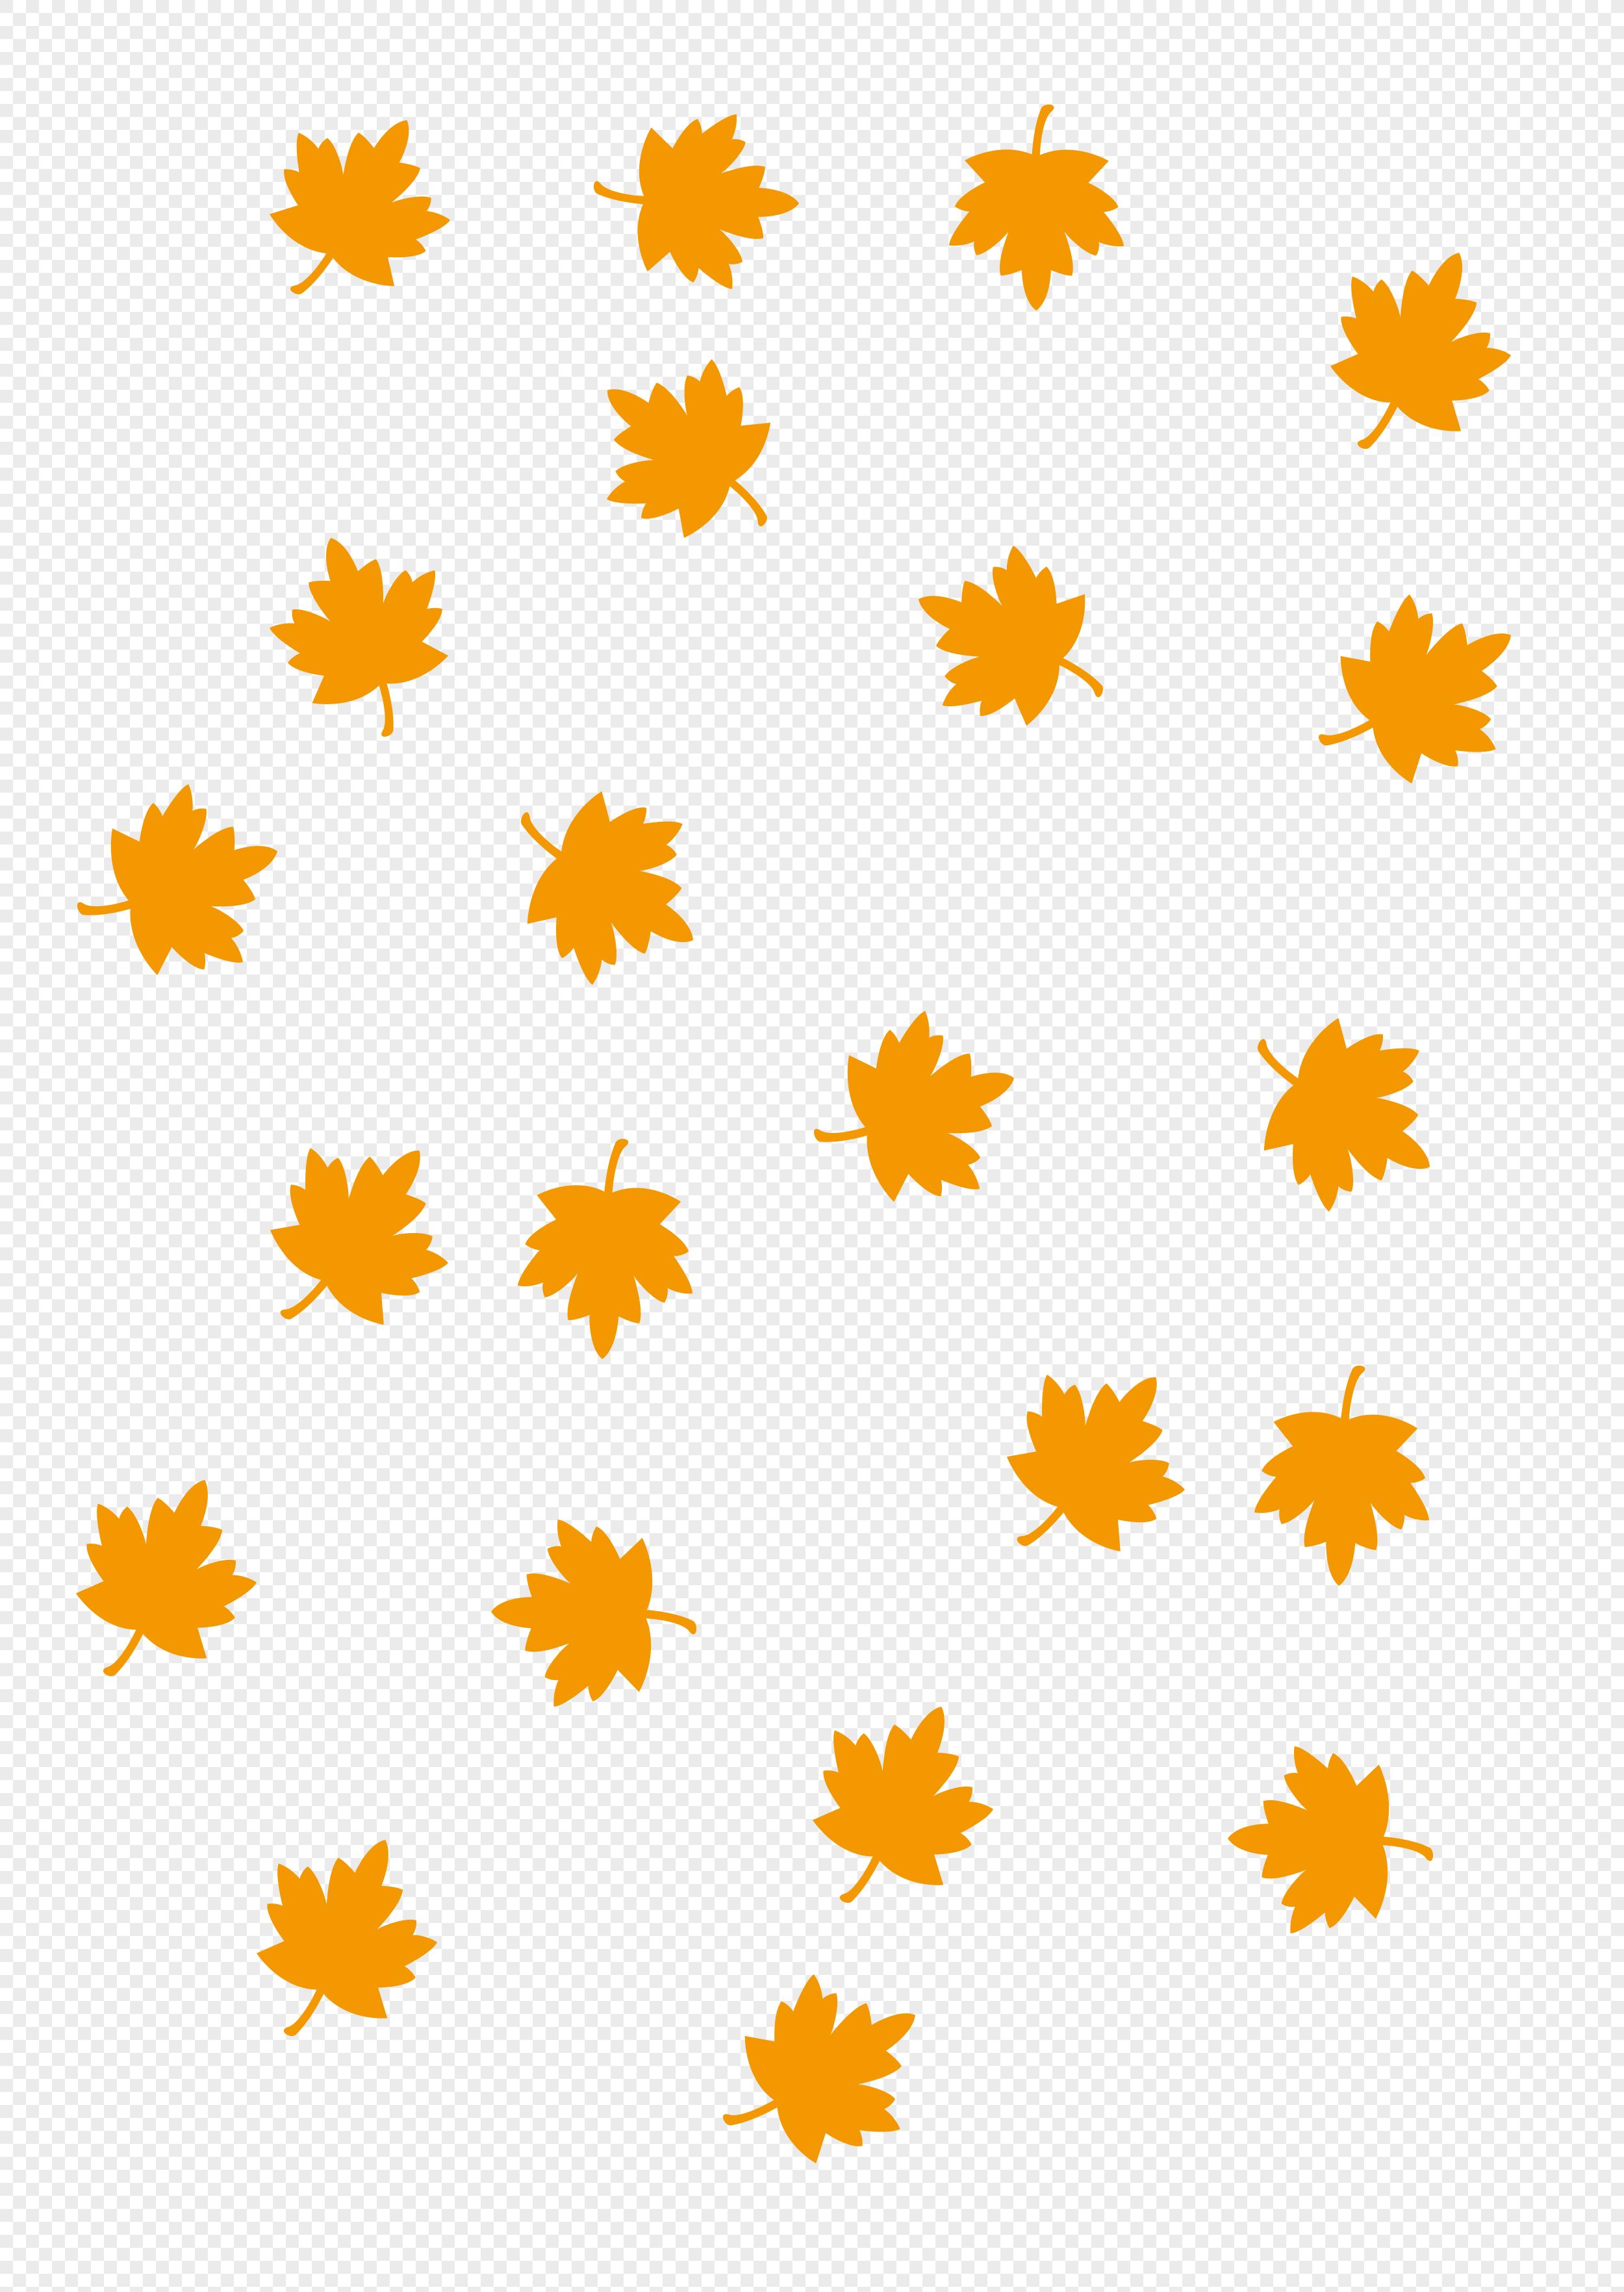 手绘背景可爱落叶元素素材png格式_设计素材免费下载